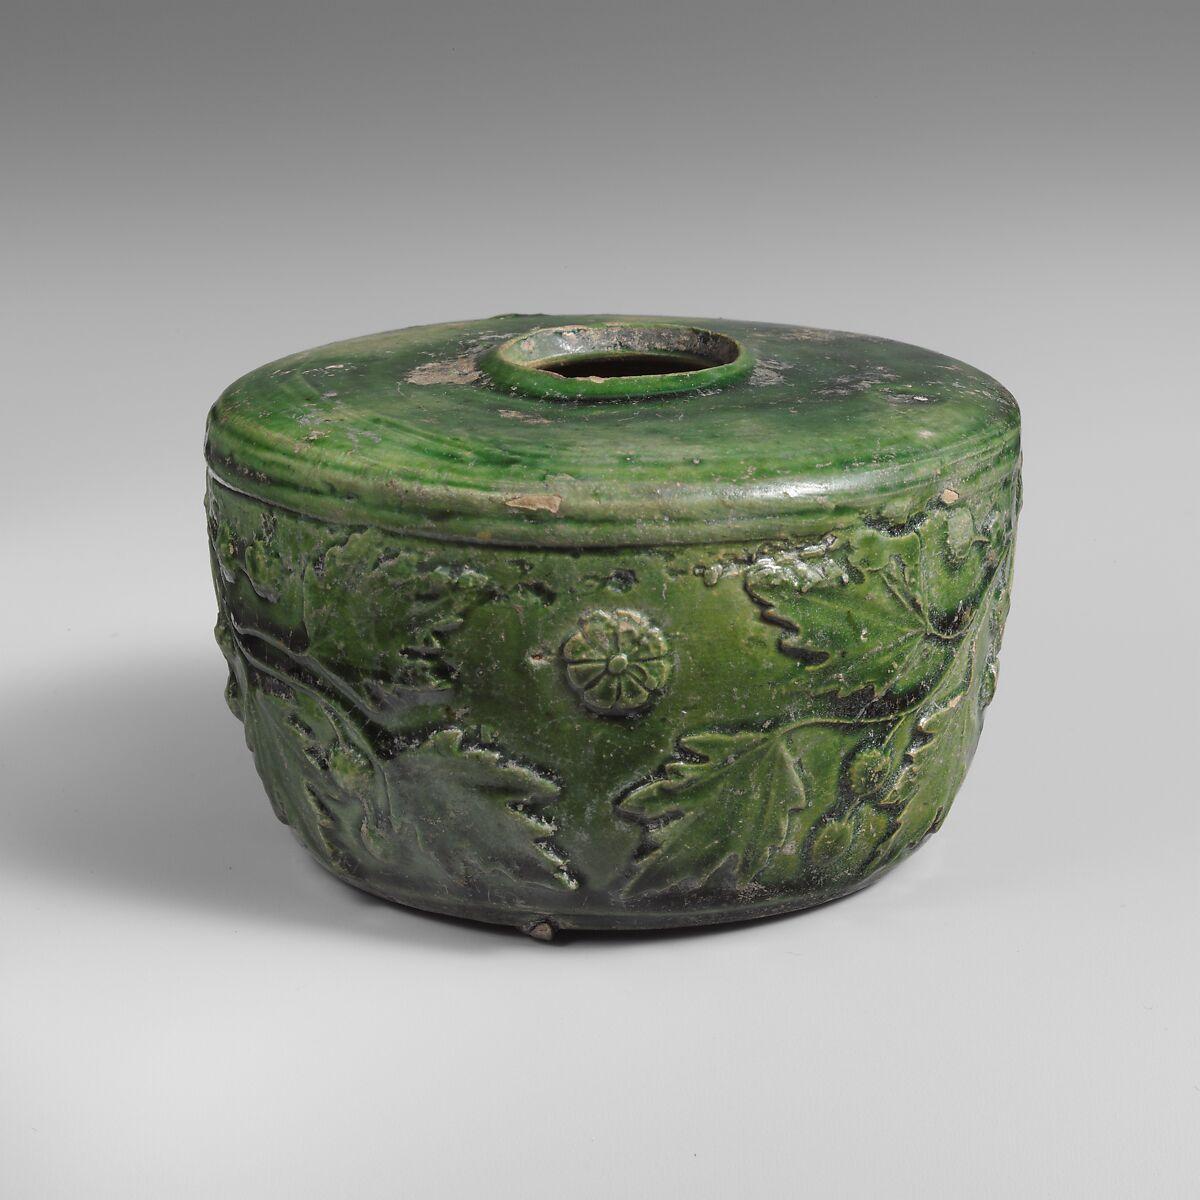 Terracotta atramentarium (inkwell), Terracotta, Roman